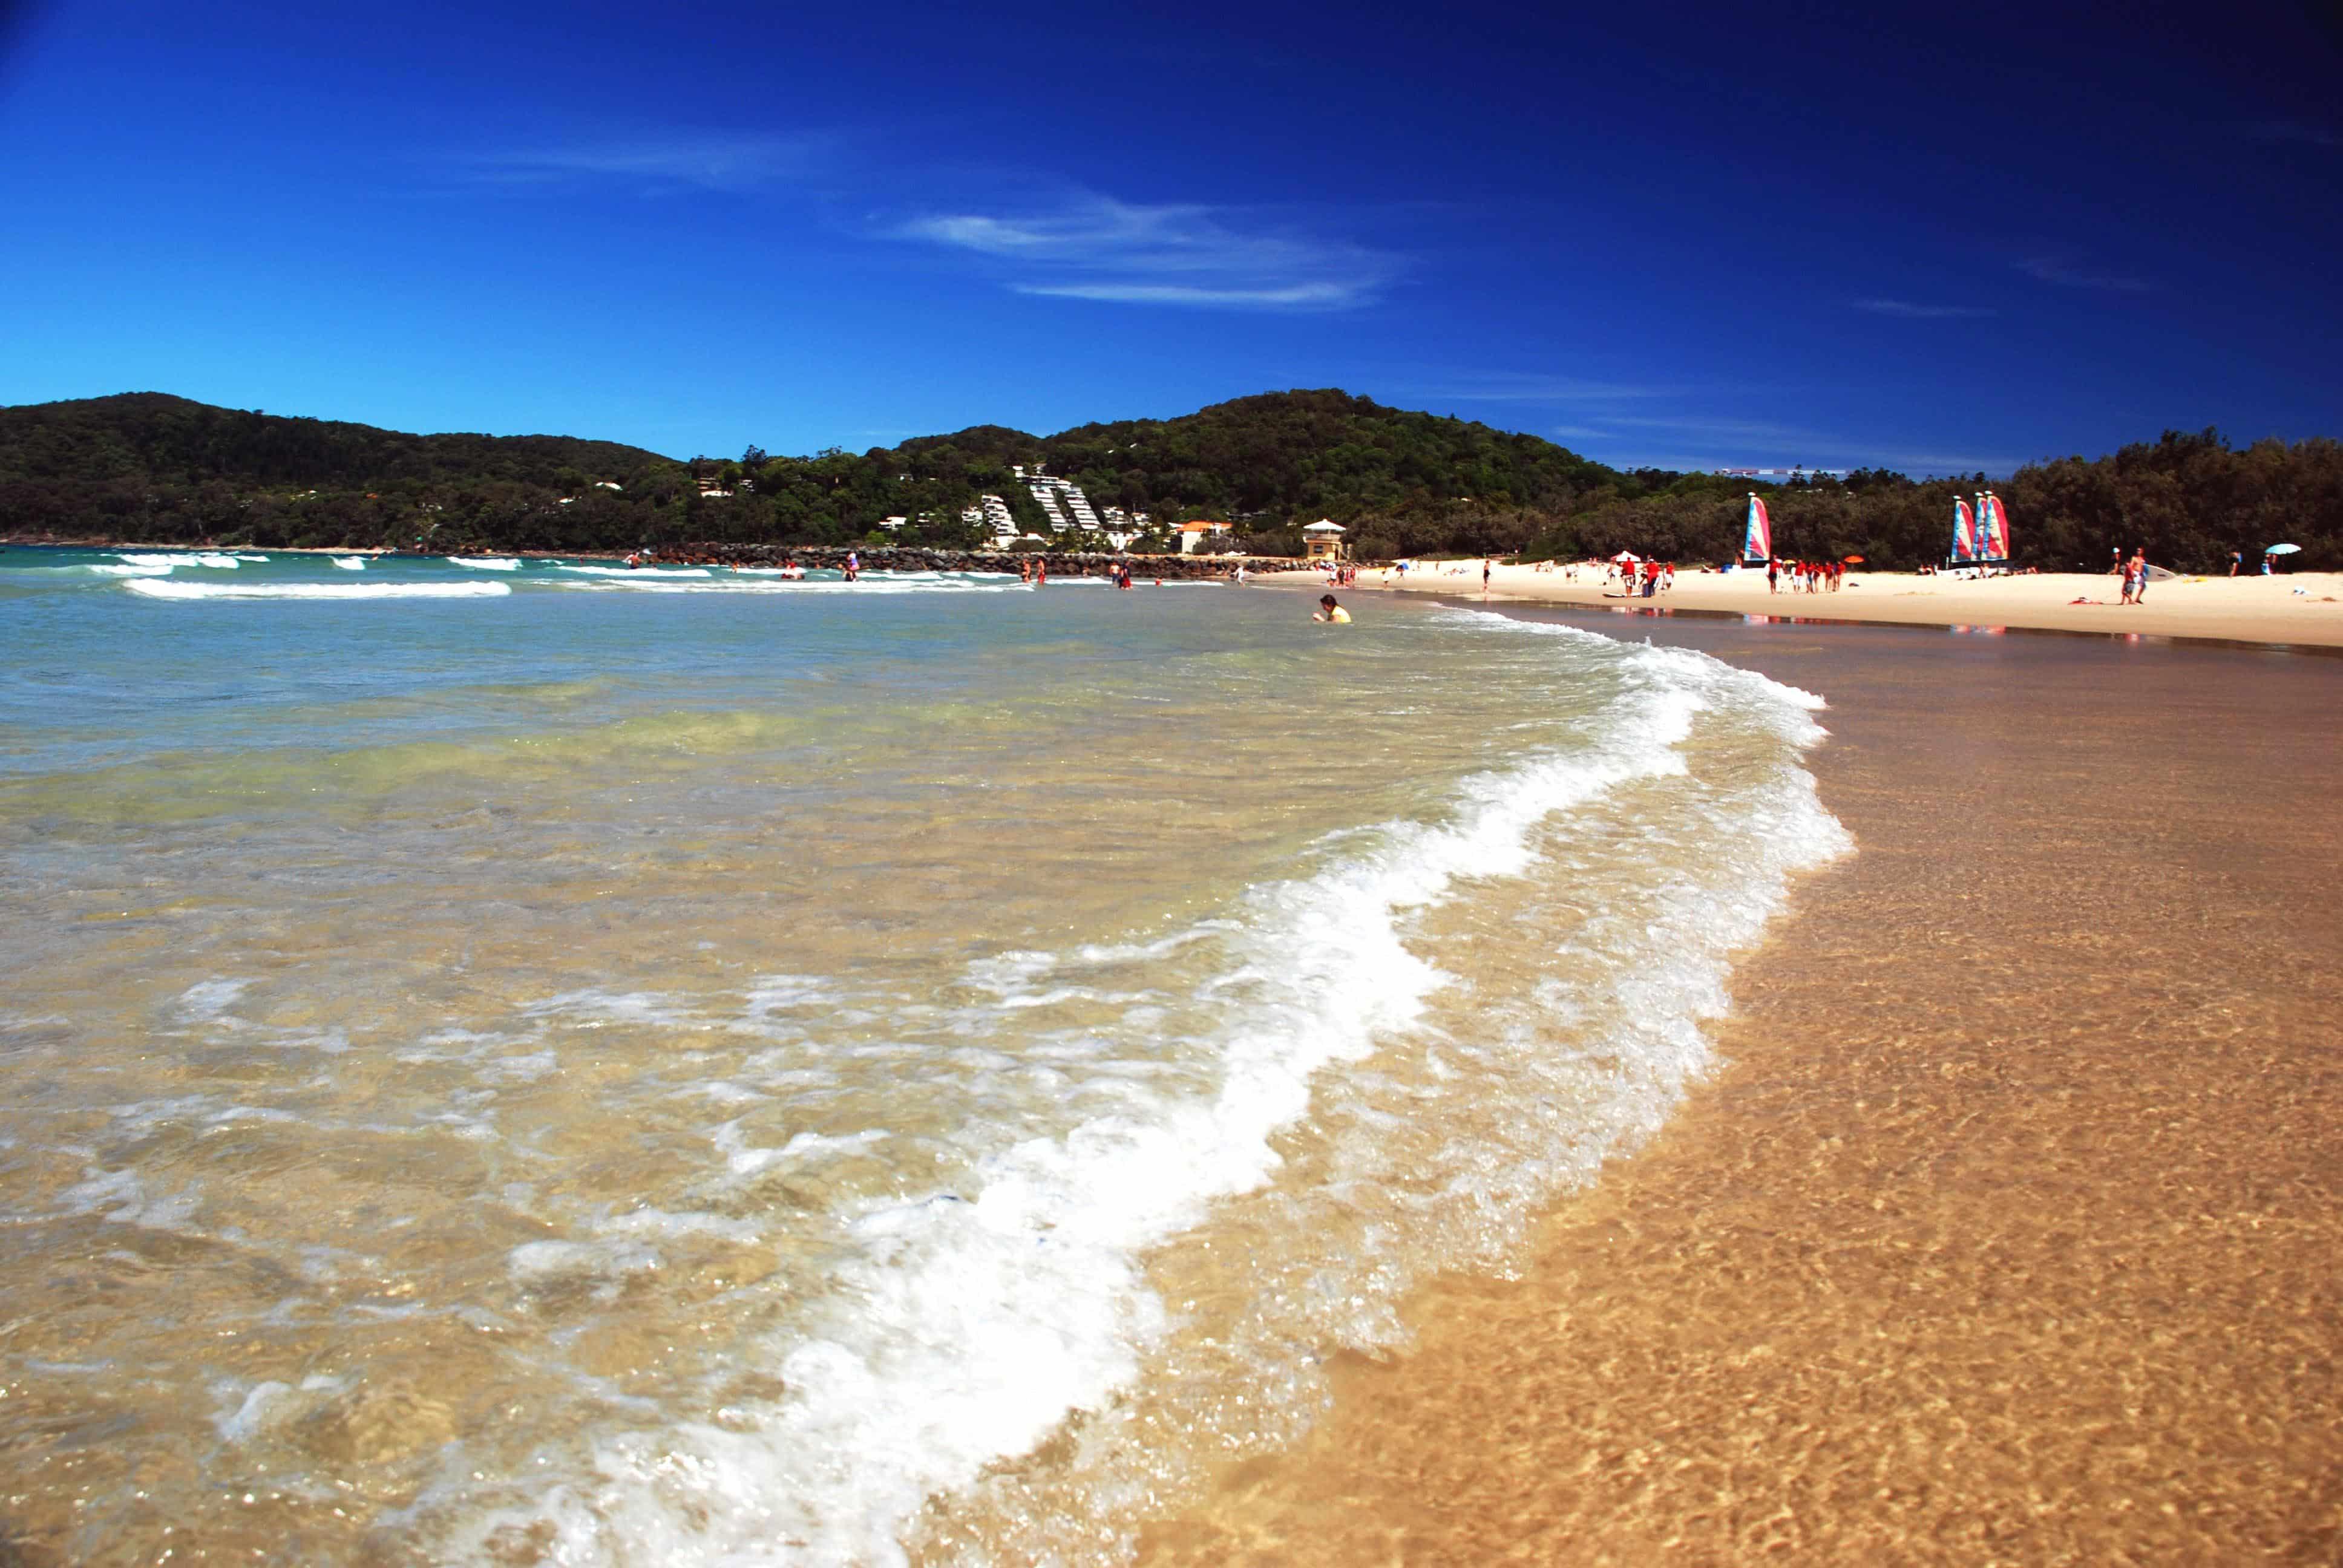 séjour linguistique australie plage océan